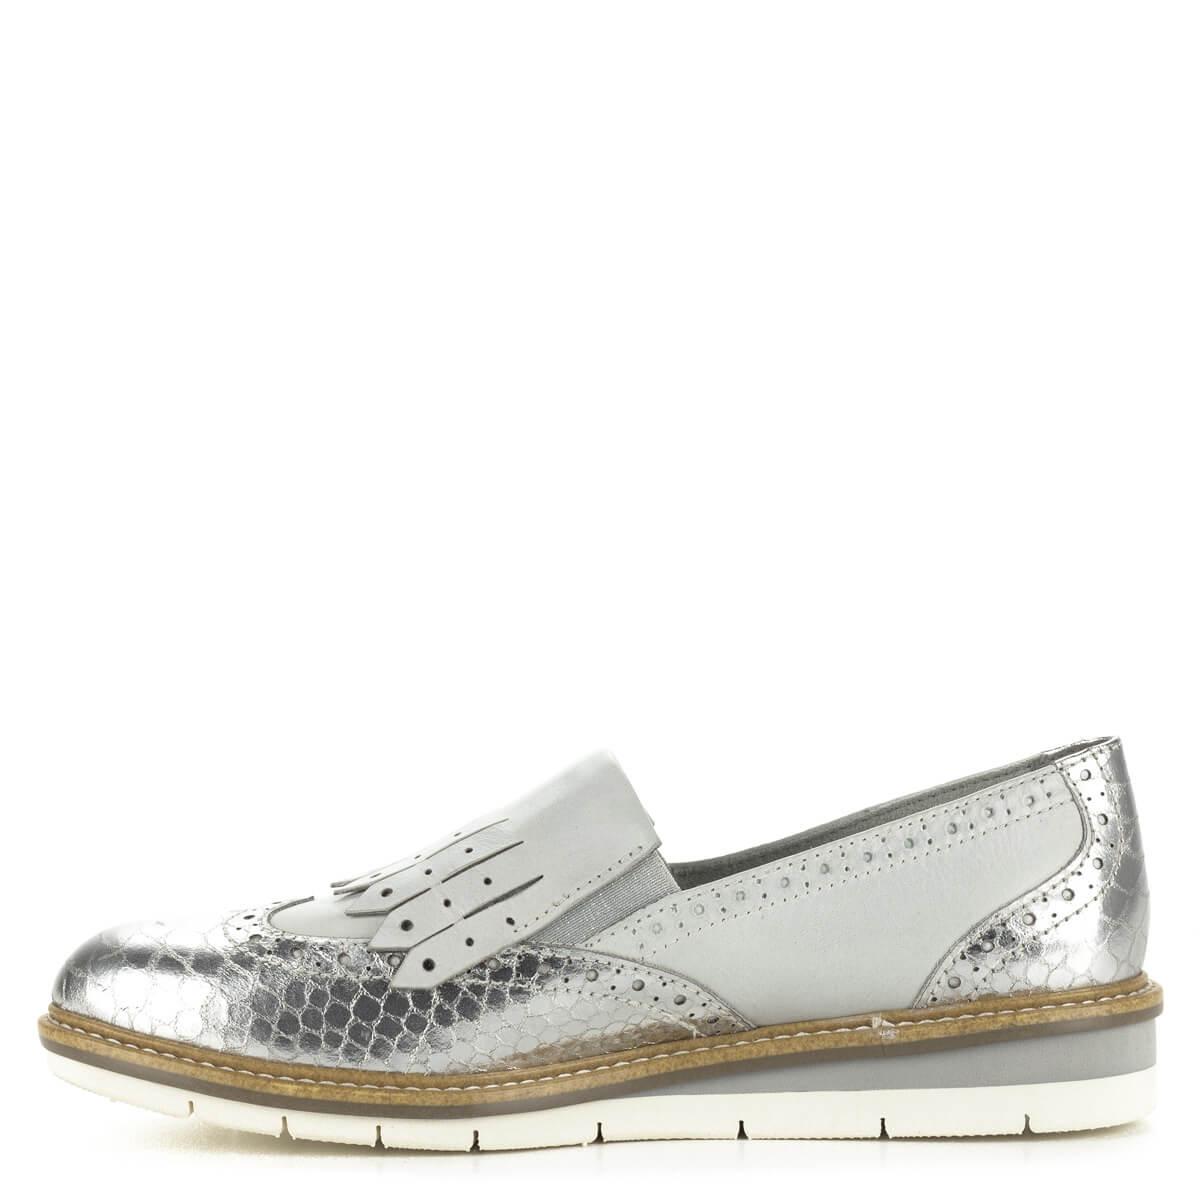 554b9bf7b4fd ... Tamaris női bőr cipő ezüst és törtfehér színben. Stílusos, divatos cipő  kényelmes, lapos ...